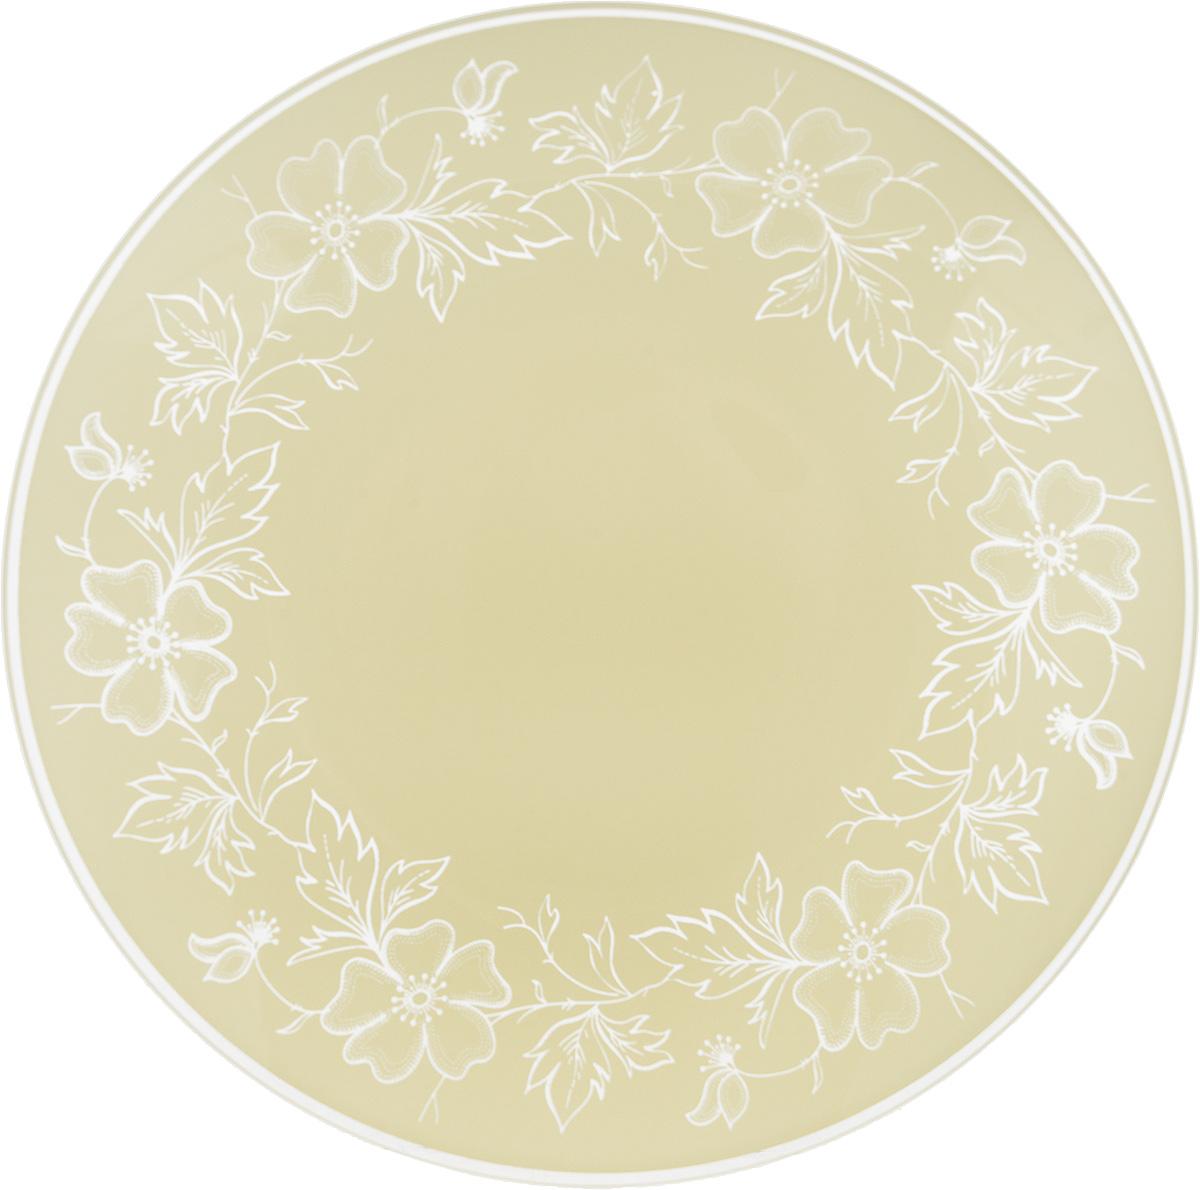 """Тарелка NiNaGlass """"Лара"""" выполнена из высококачественного стекла и оформлена красивым цветочным узором. Тарелка идеальна для подачи вторых блюд, а также сервировки закусок, нарезок, салатов, овощей и фруктов. Она отлично подойдет как для повседневных, так и для торжественных случаев.Такая тарелка прекрасно впишется в интерьер вашей кухни и станет достойным дополнением к кухонному инвентарю."""